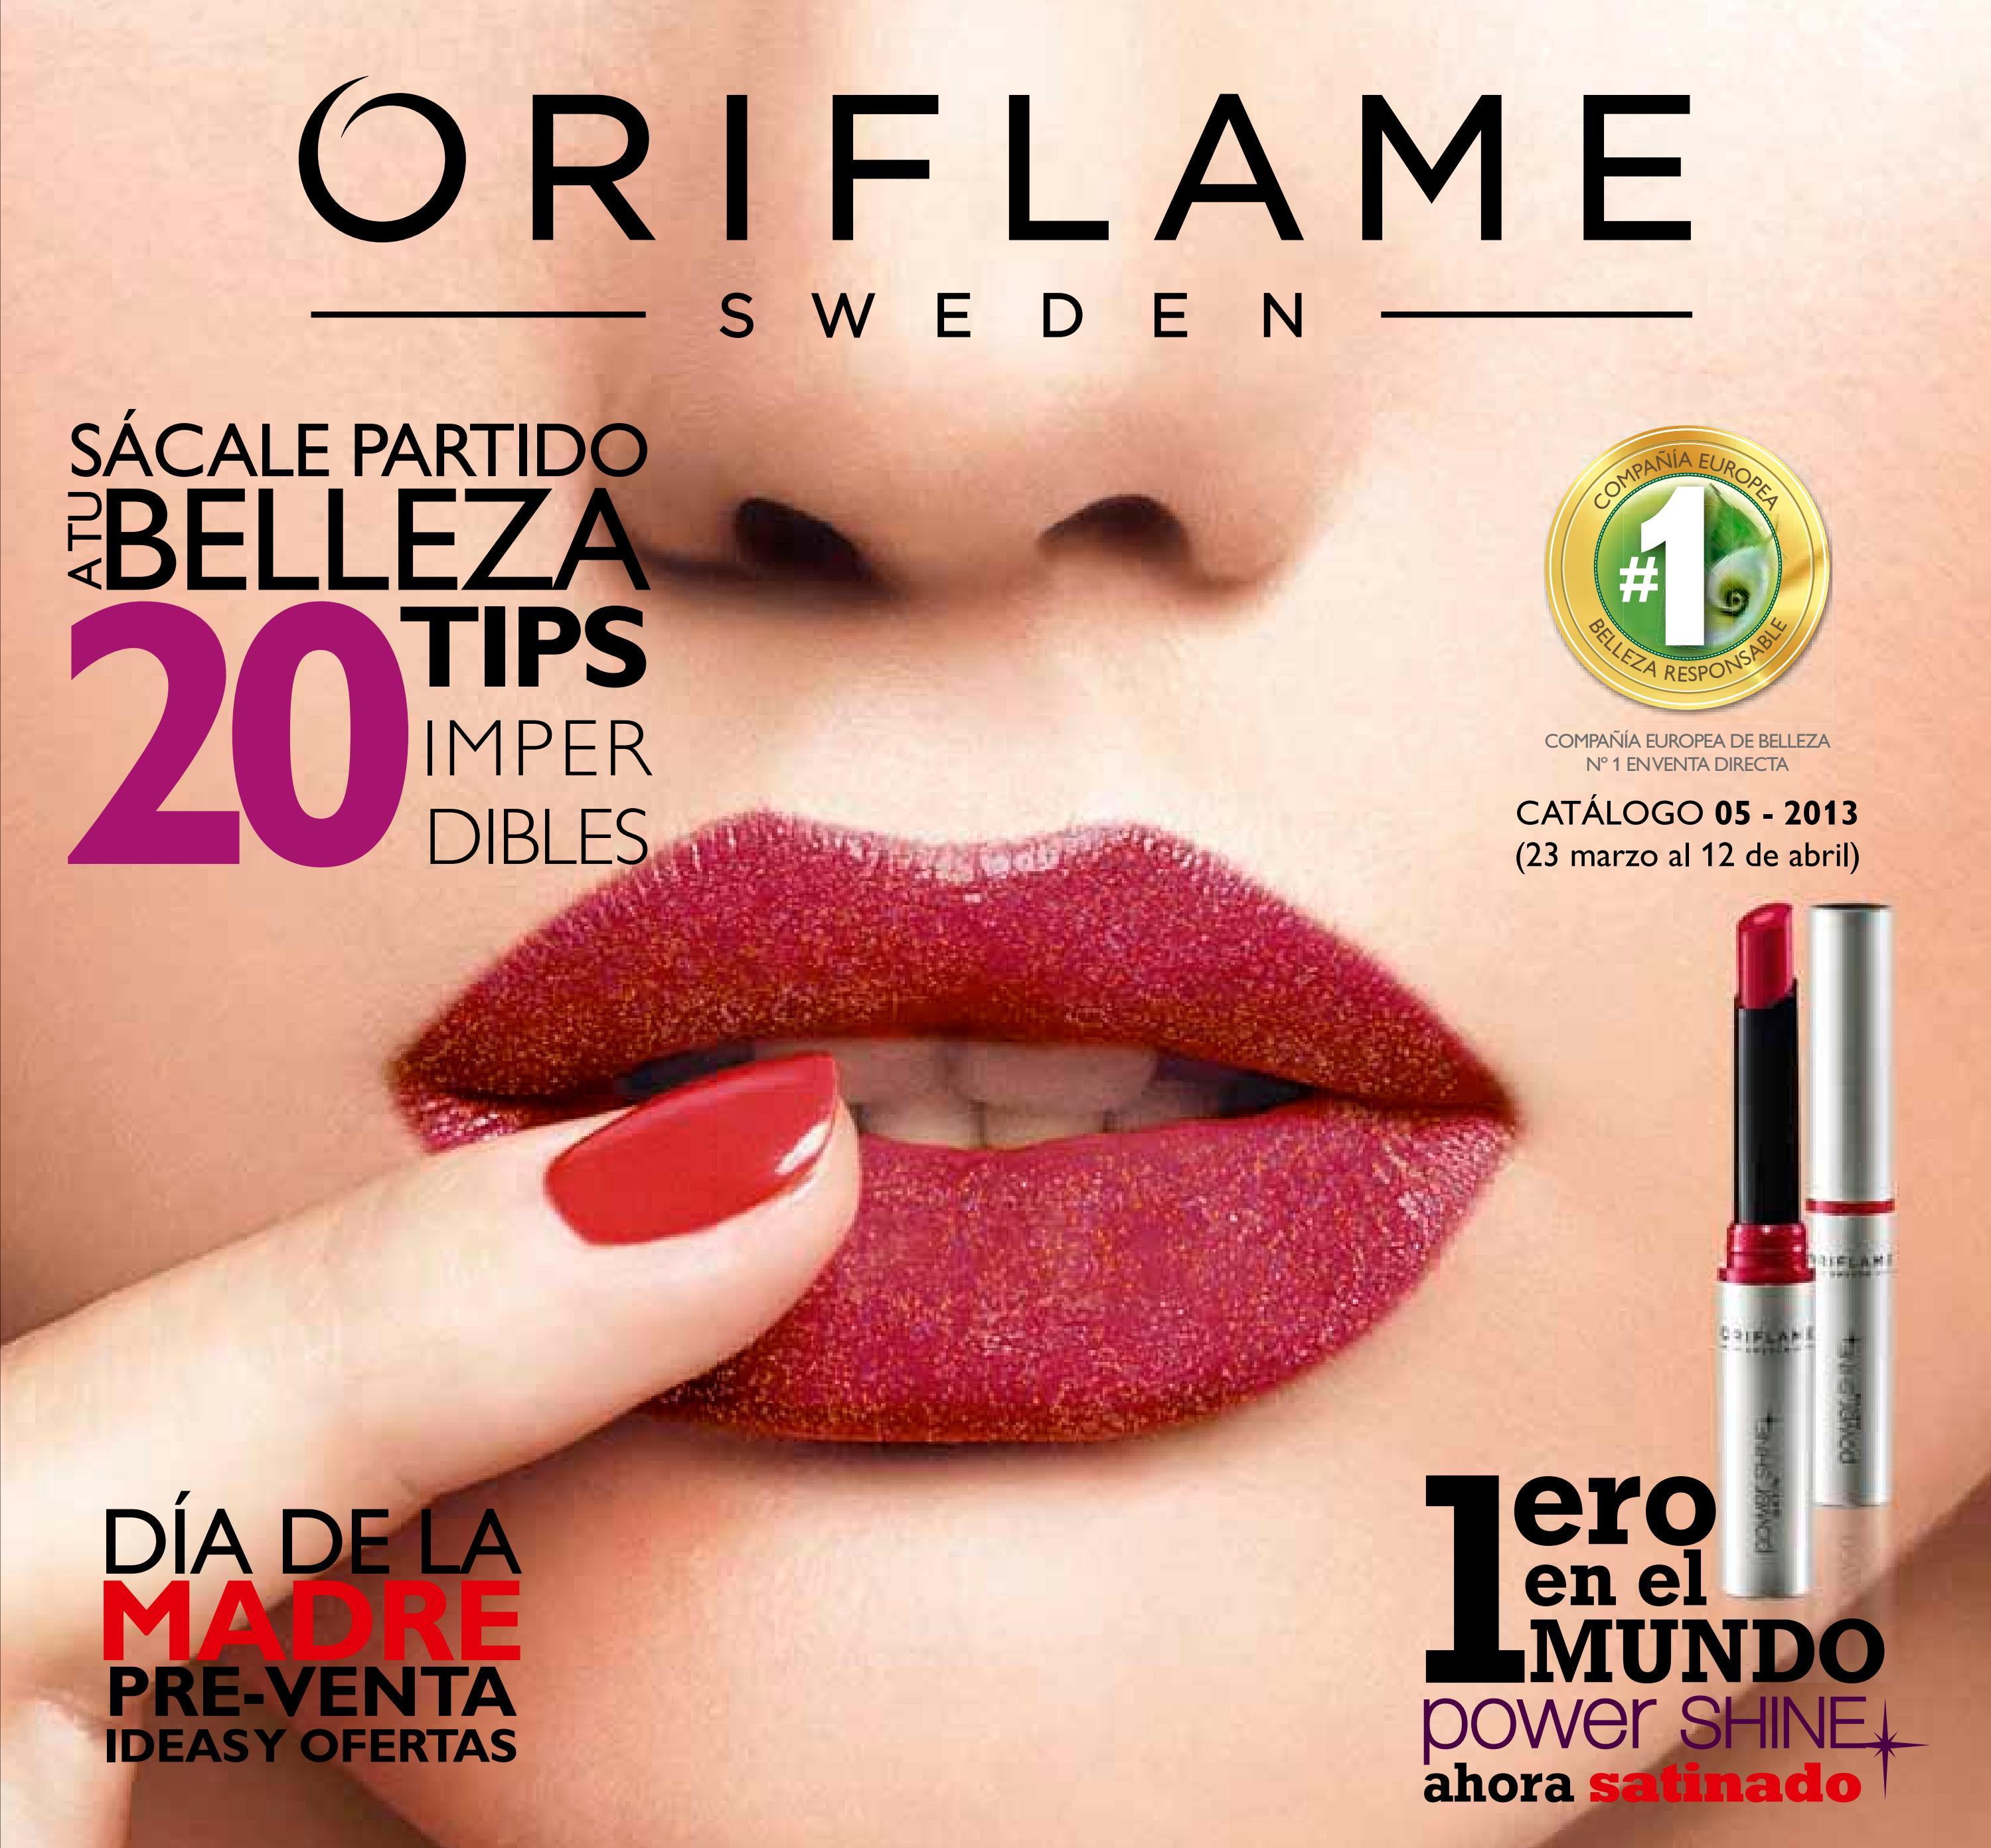 Catalogo - ORIFLAME -Campaña 05 C-05 2013 - Mexico by